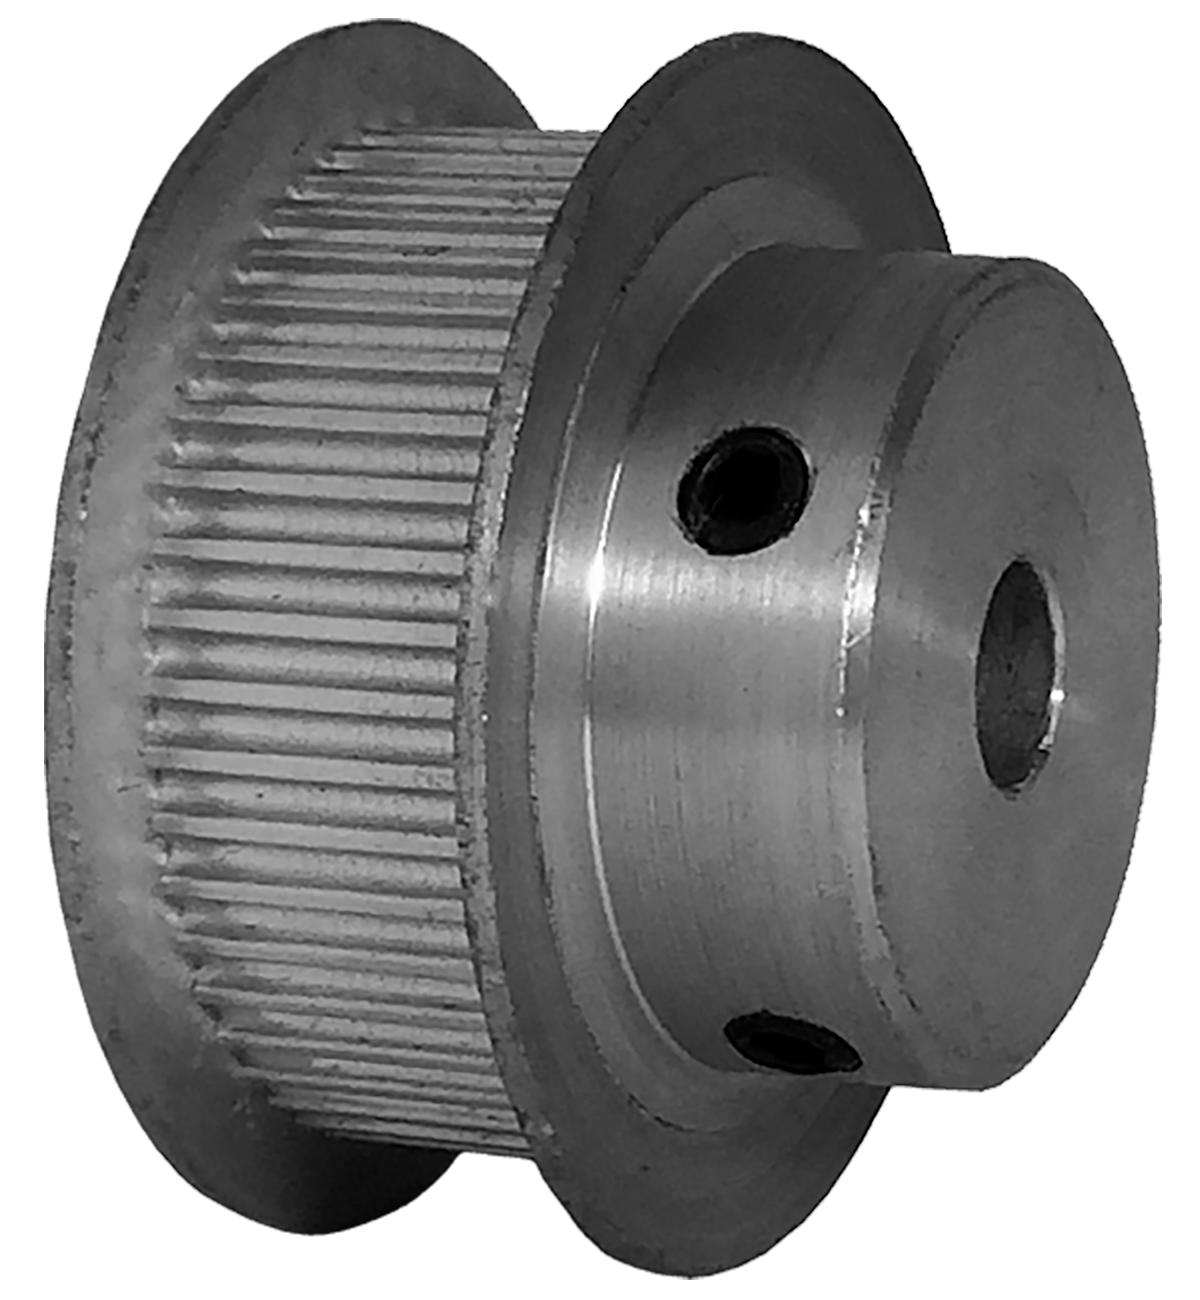 48-2P09-6FA3 - Aluminum Powerhouse® Pulleys